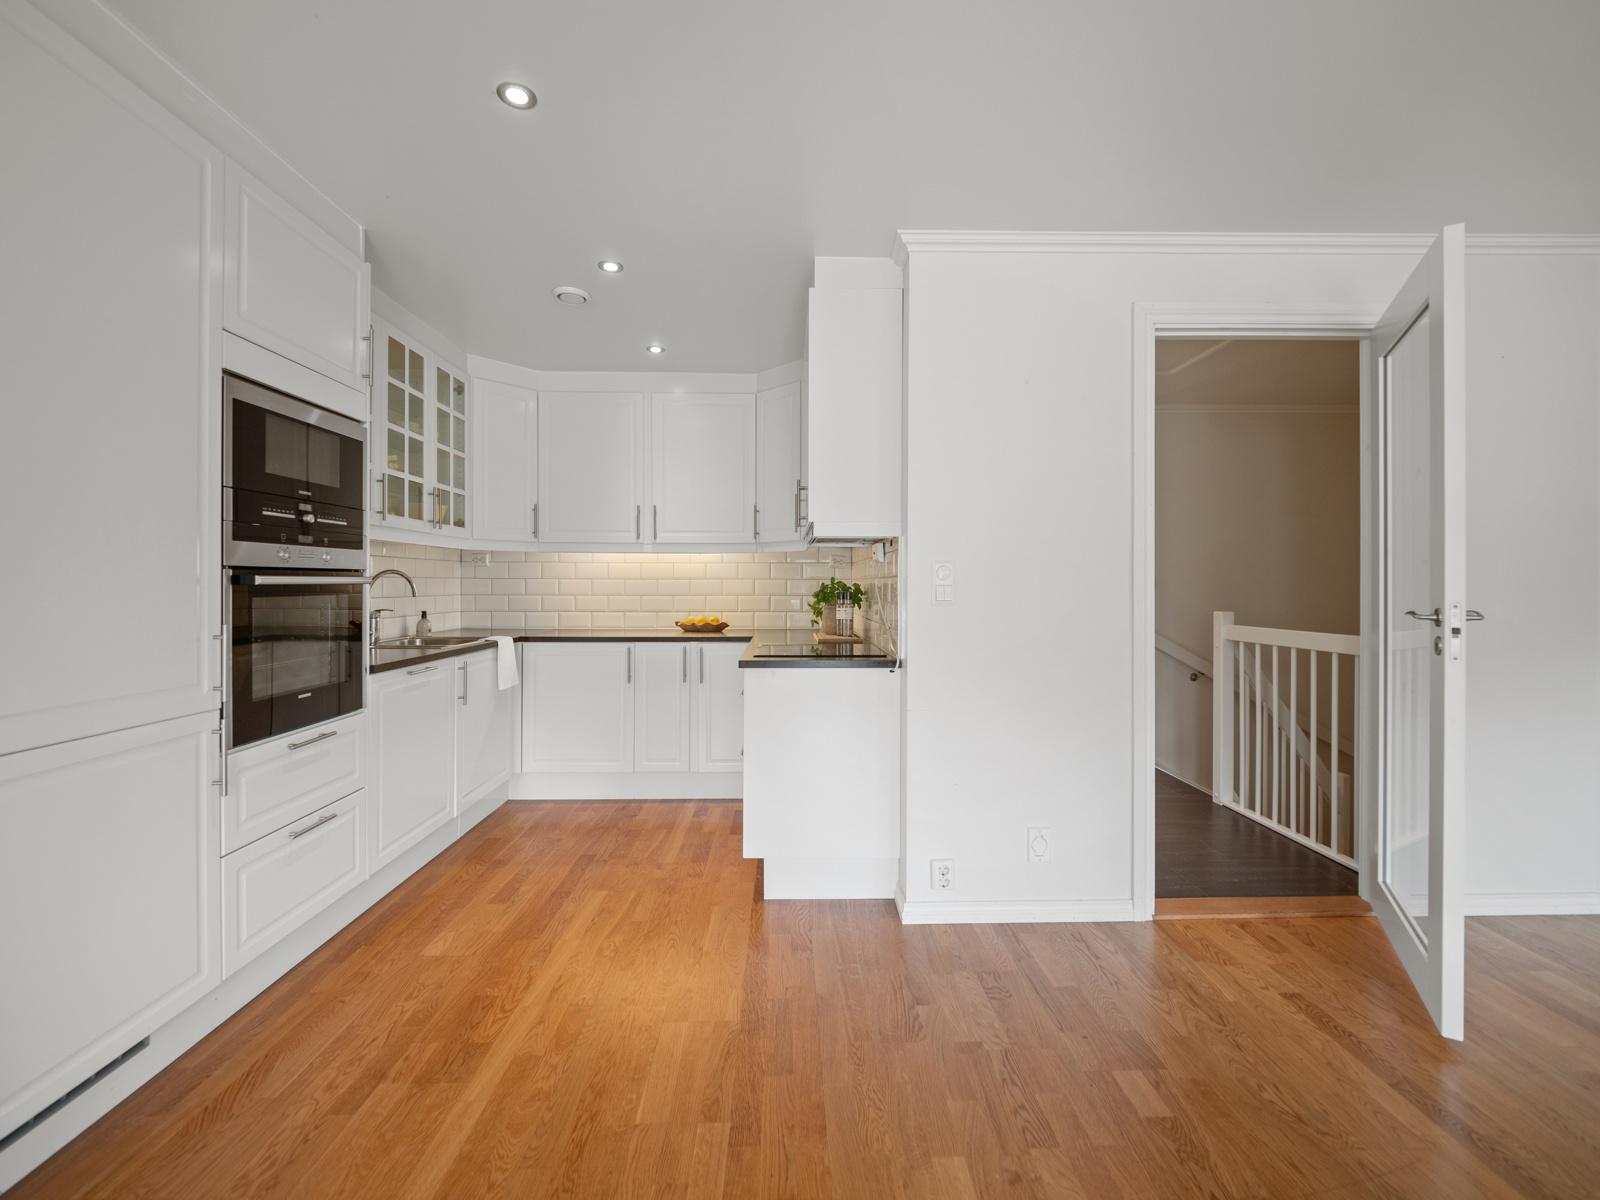 Kjøkken med innebygde hvitevarer.